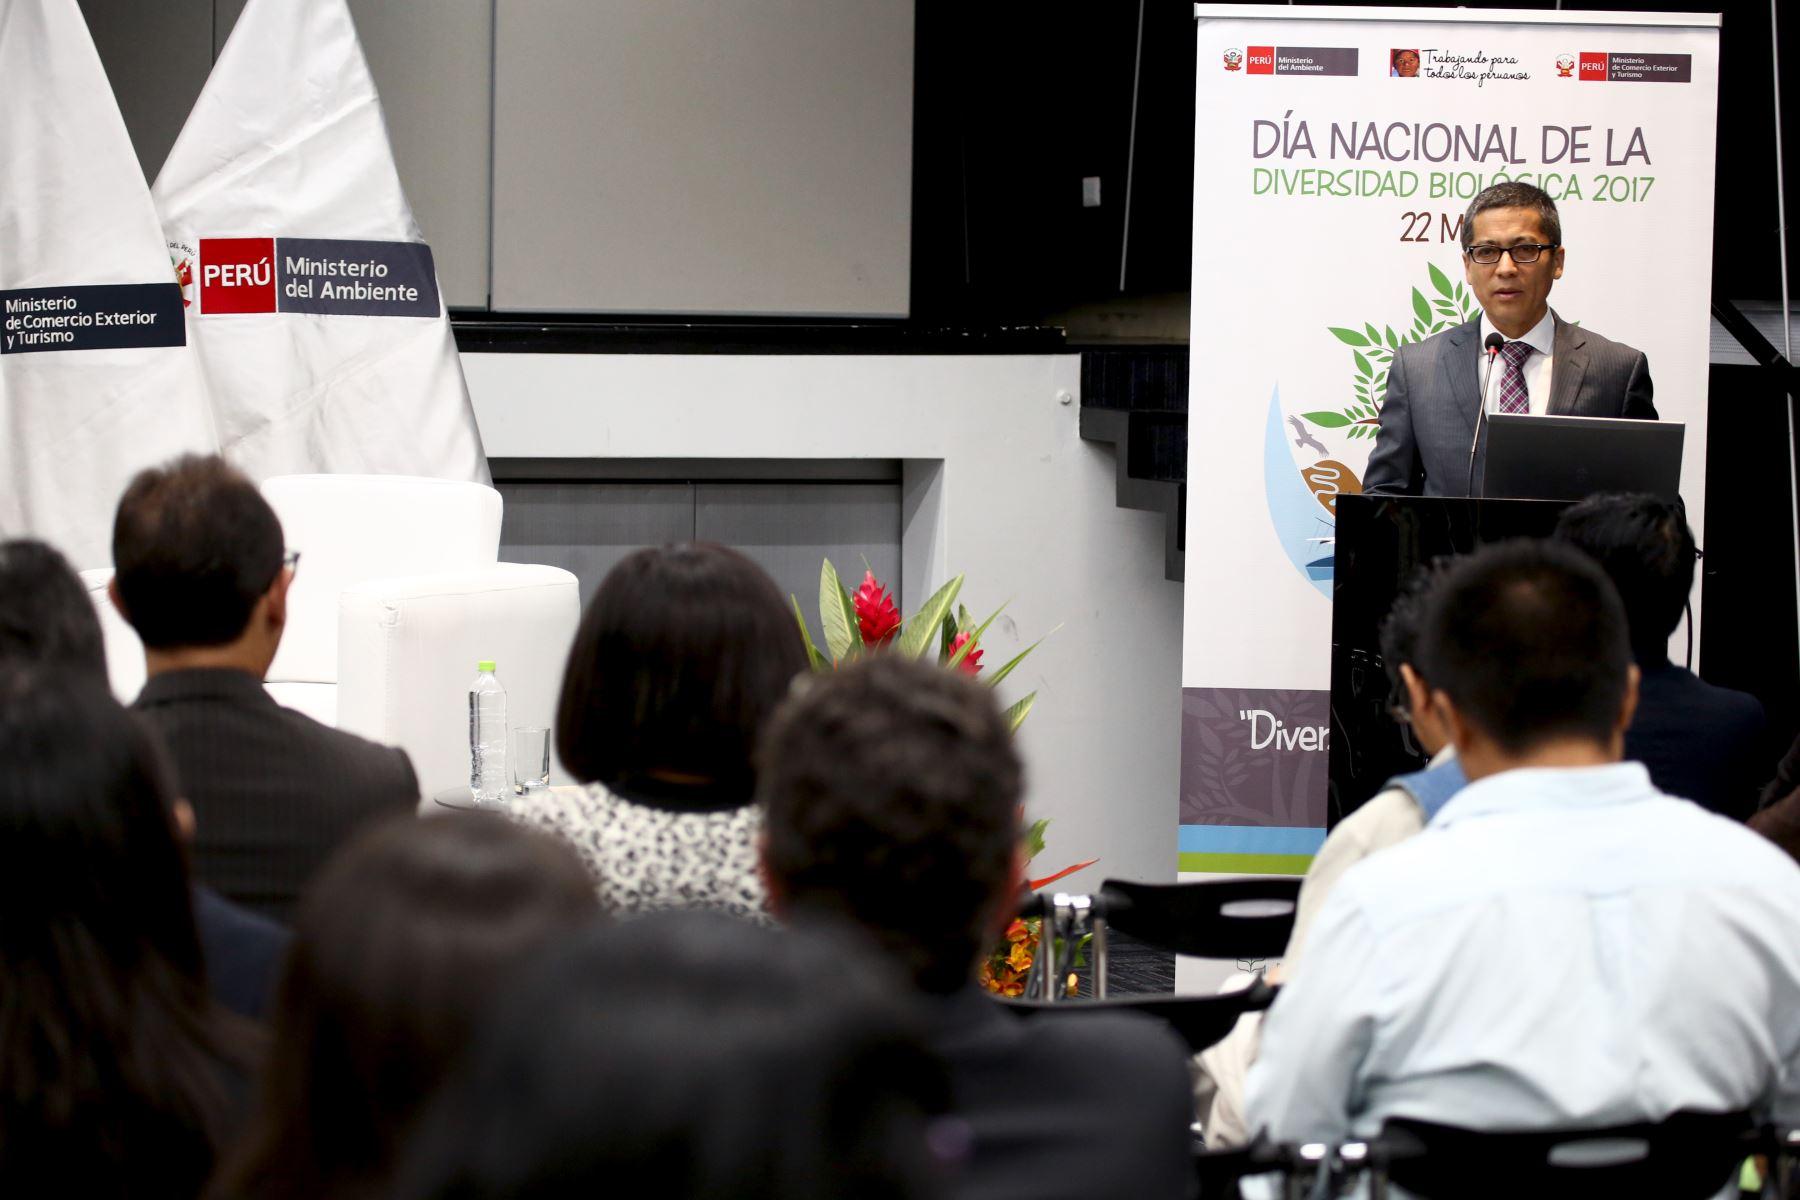 Especialistas resaltaron las oportunidades de desarrollo que ofrece la diversidad biológica del Perú.